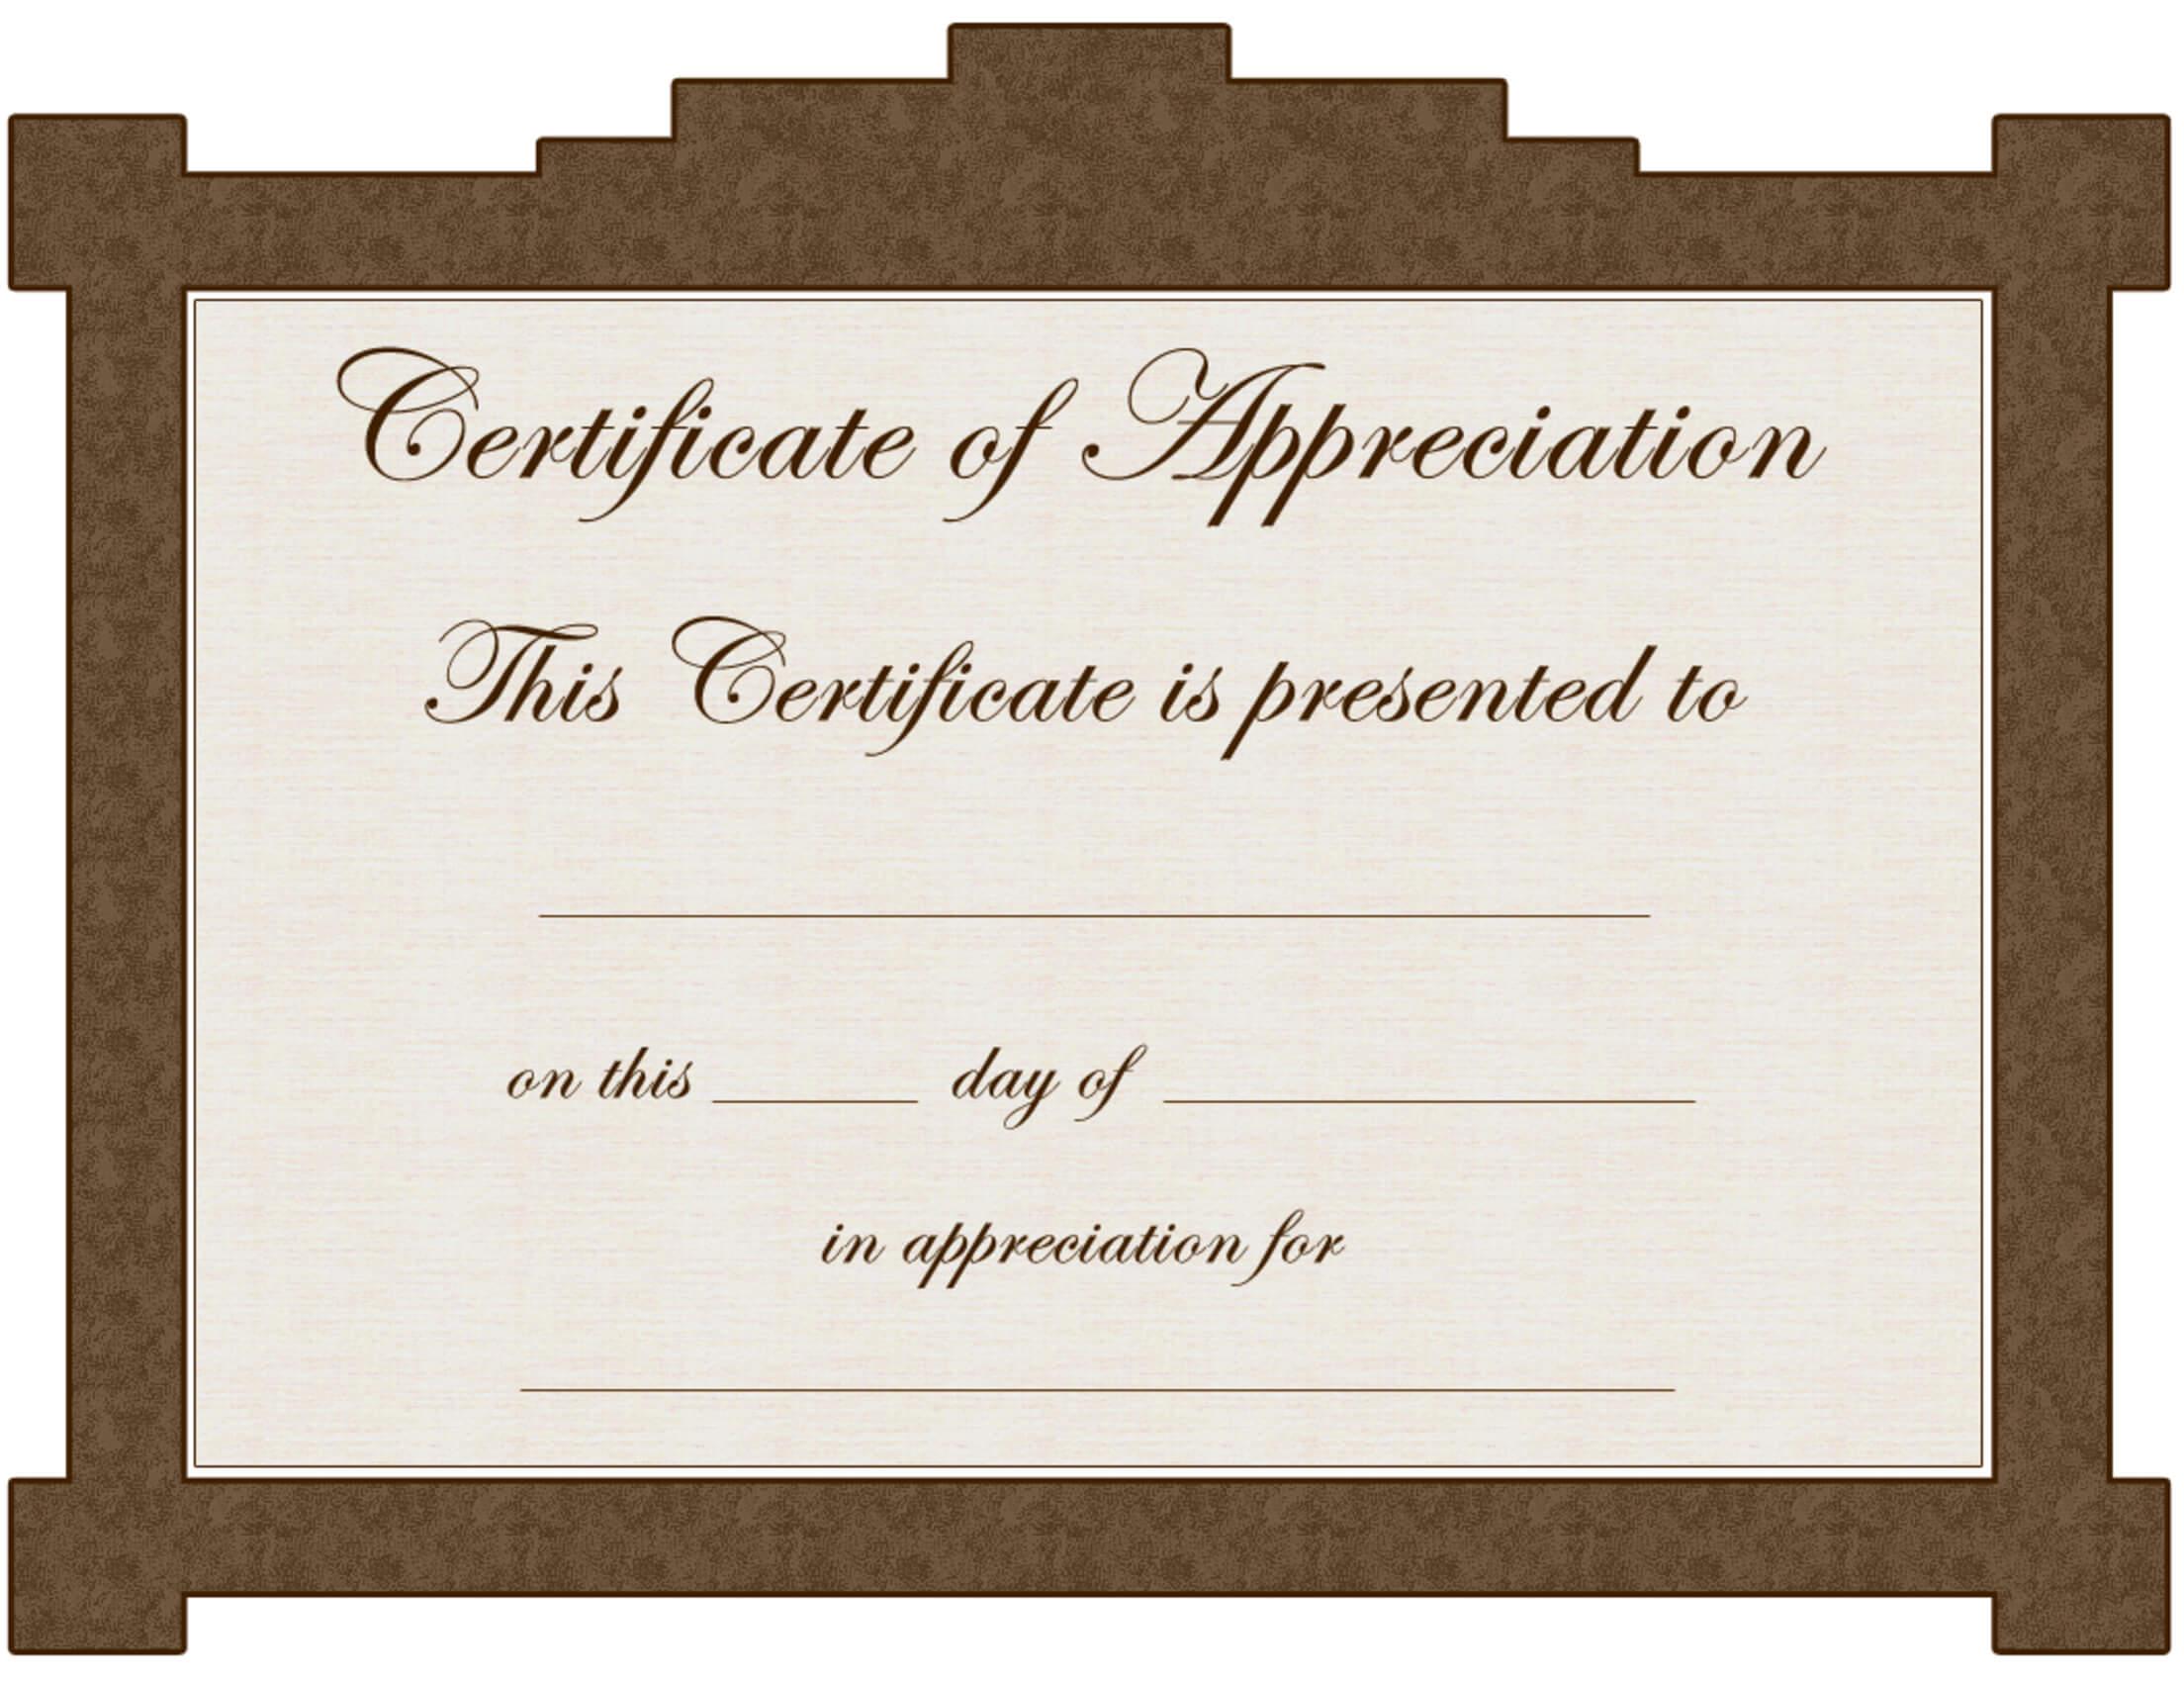 Certificate Of Appreciation Template.nice Editable Regarding Iq Certificate Template